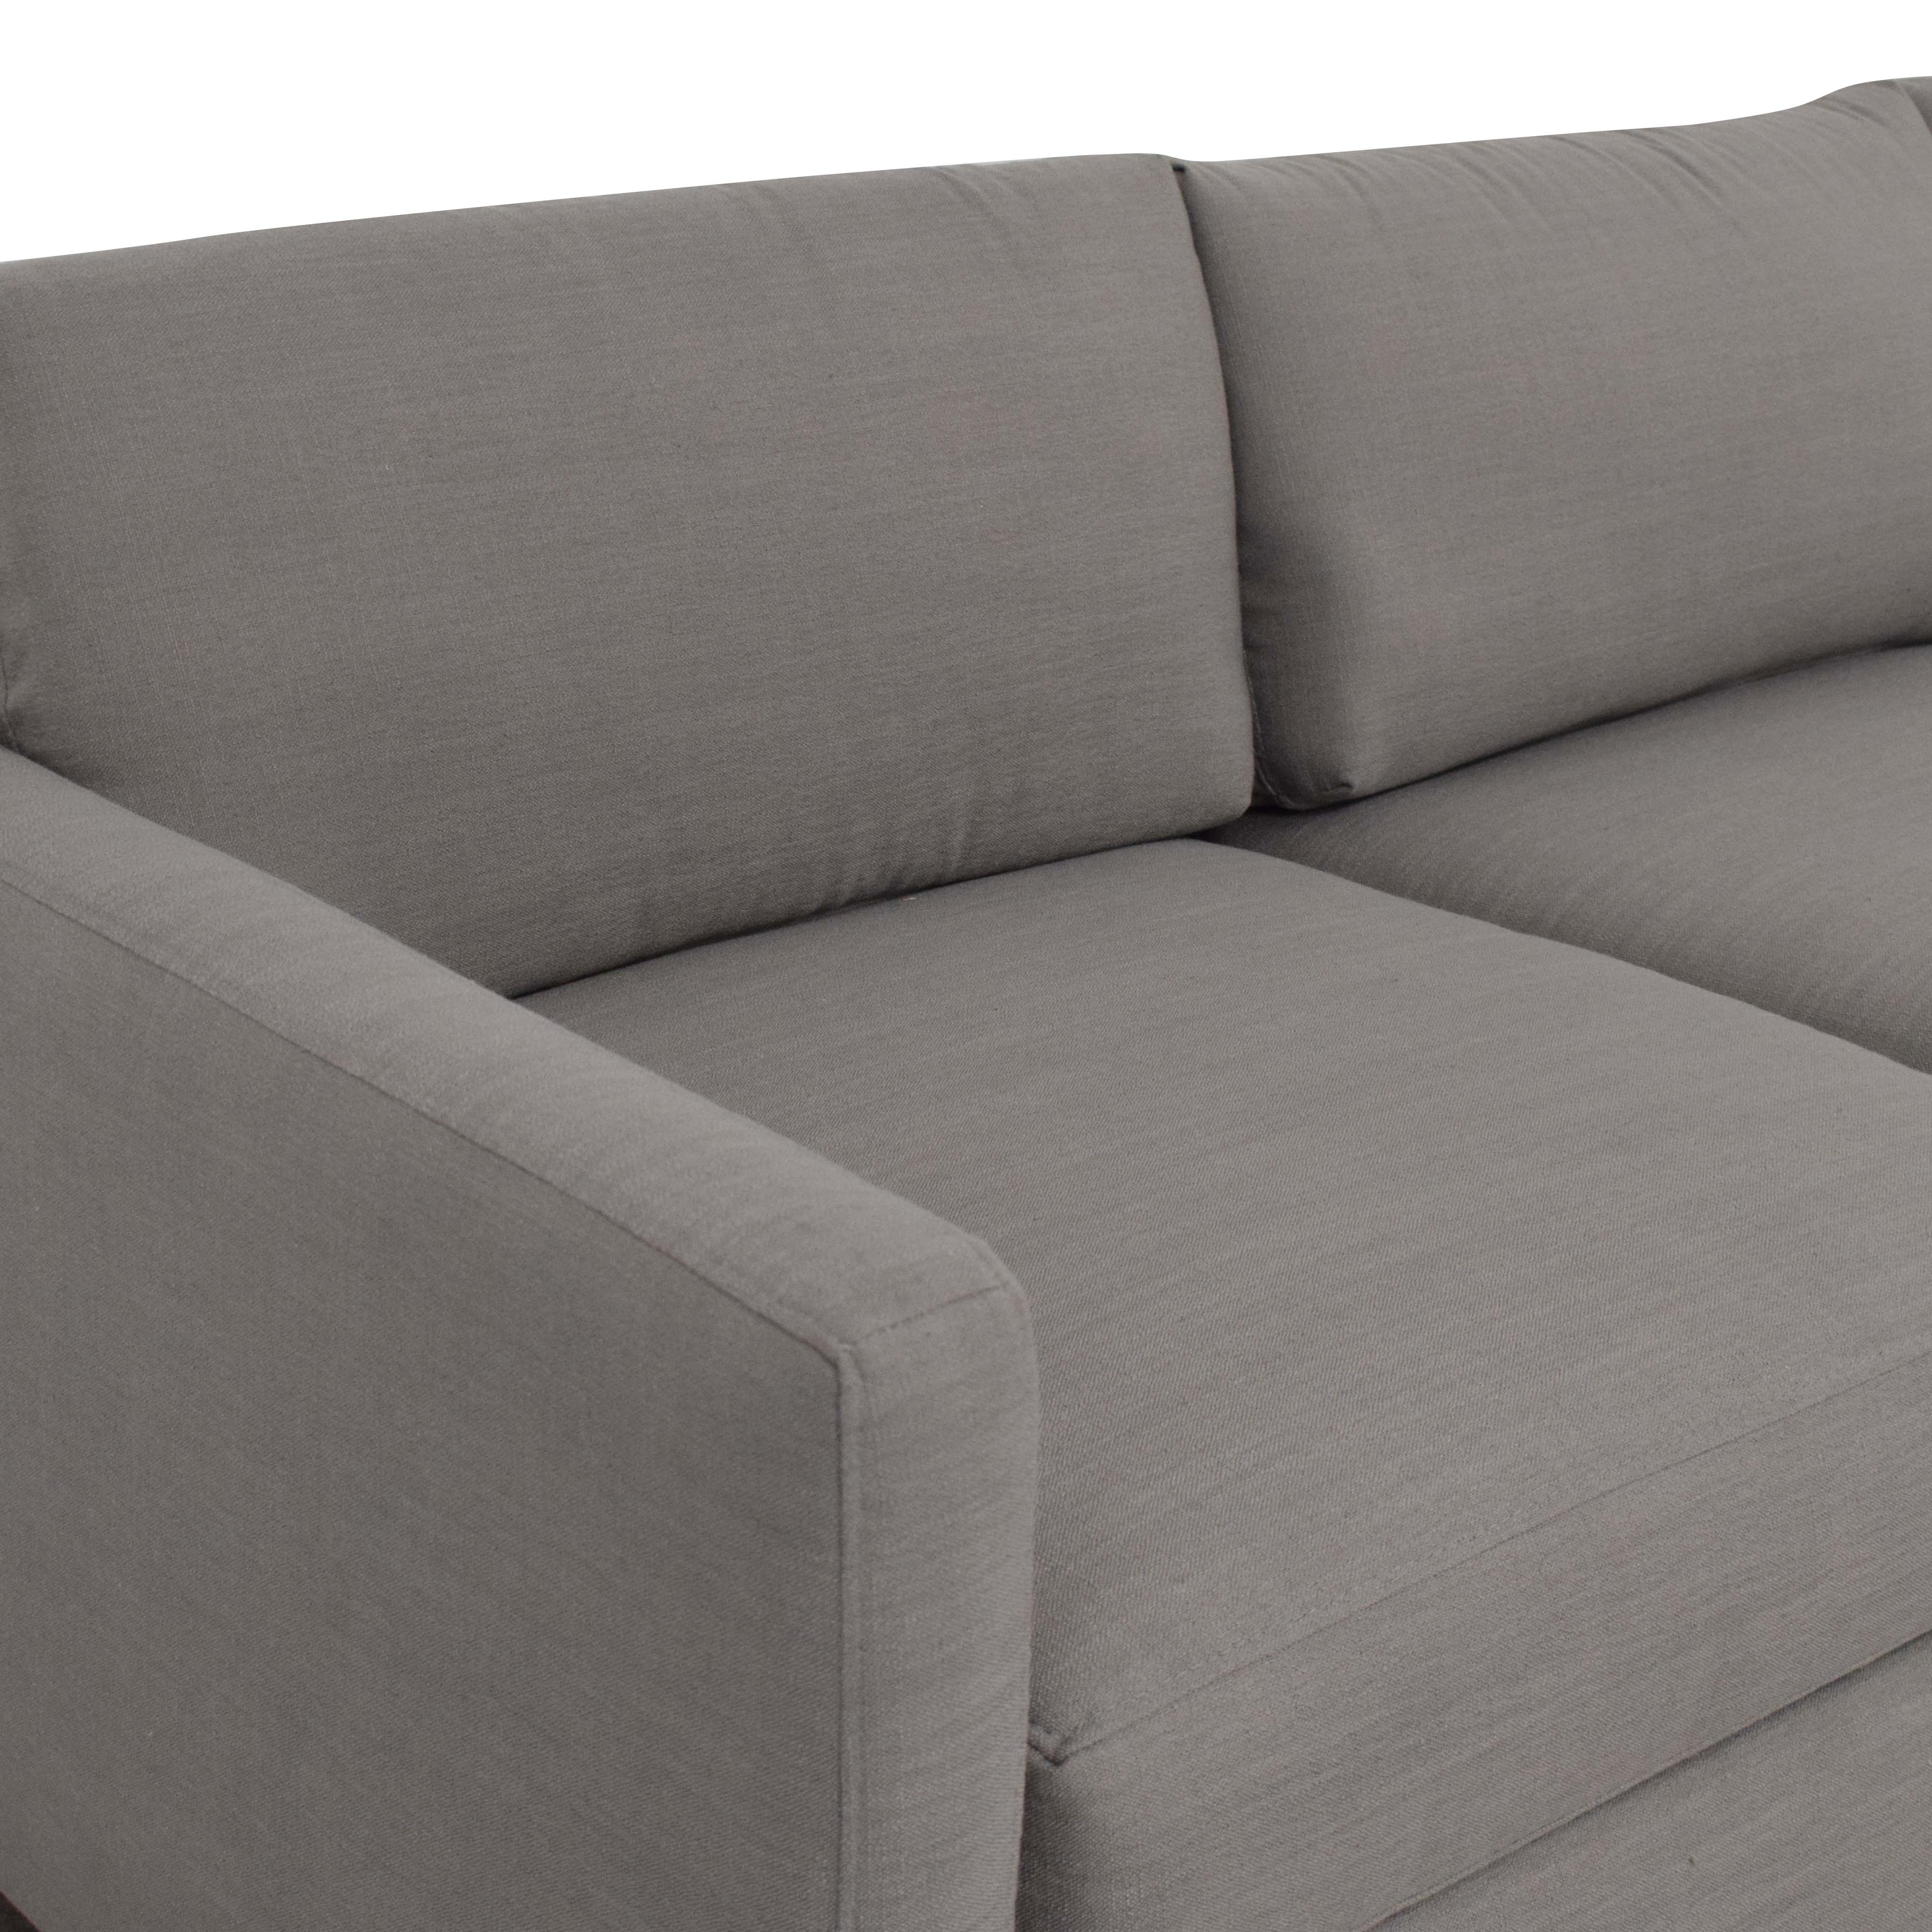 The Inside The Inside Modern Sofa ma